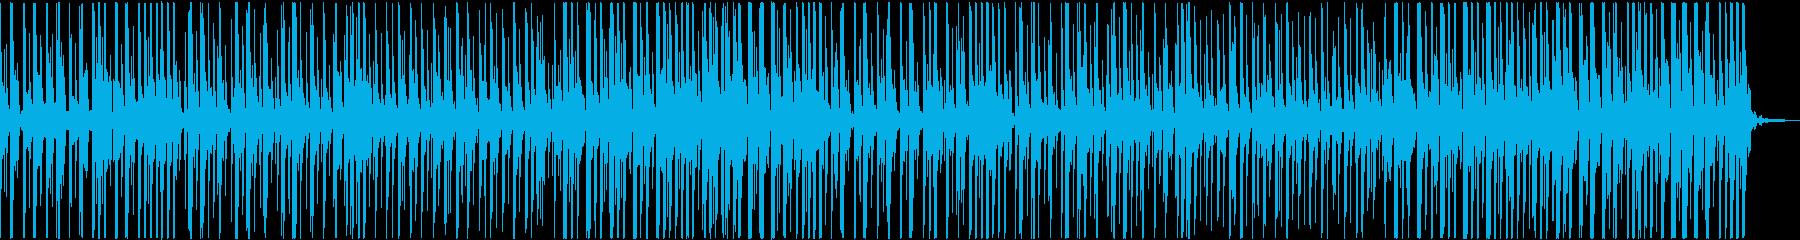 優しいベルの音のポップス。クリスマス用の再生済みの波形